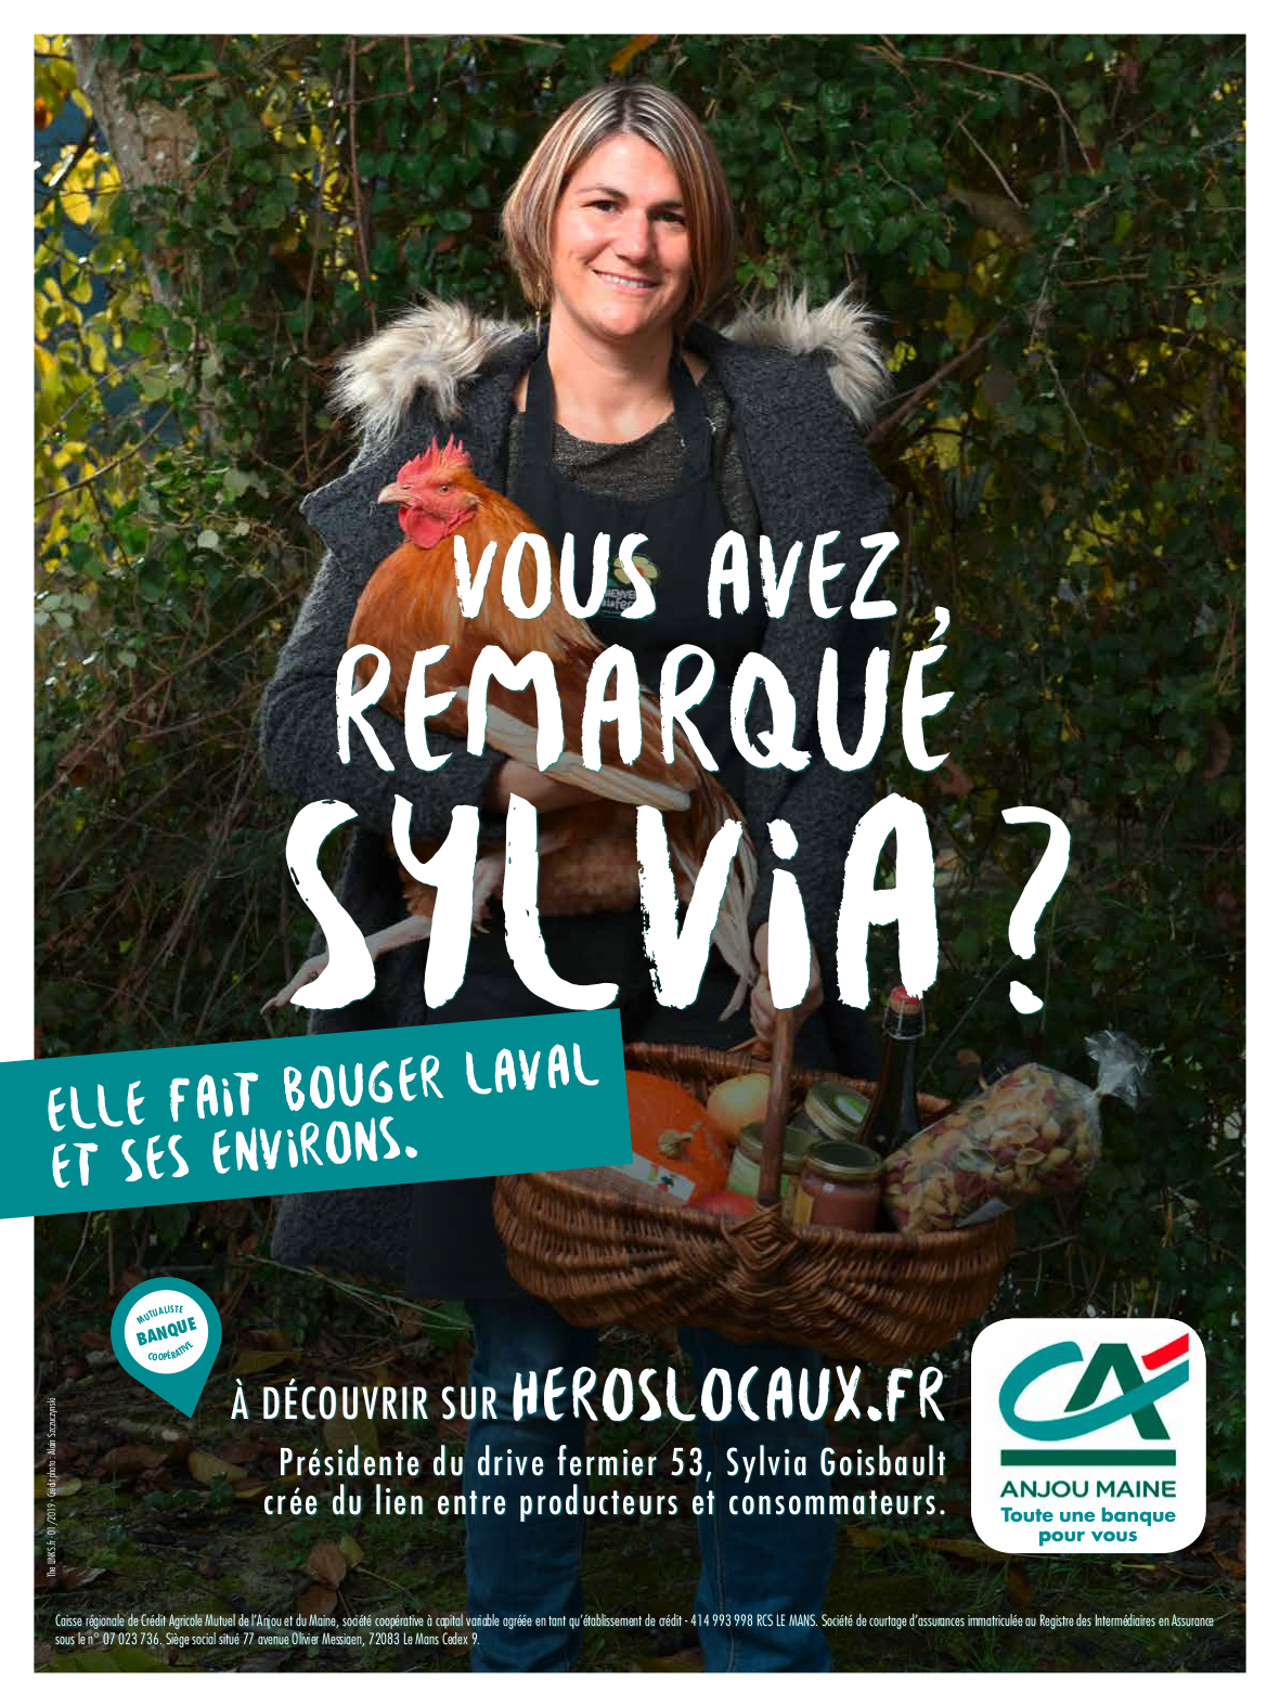 sylvia héros locaux